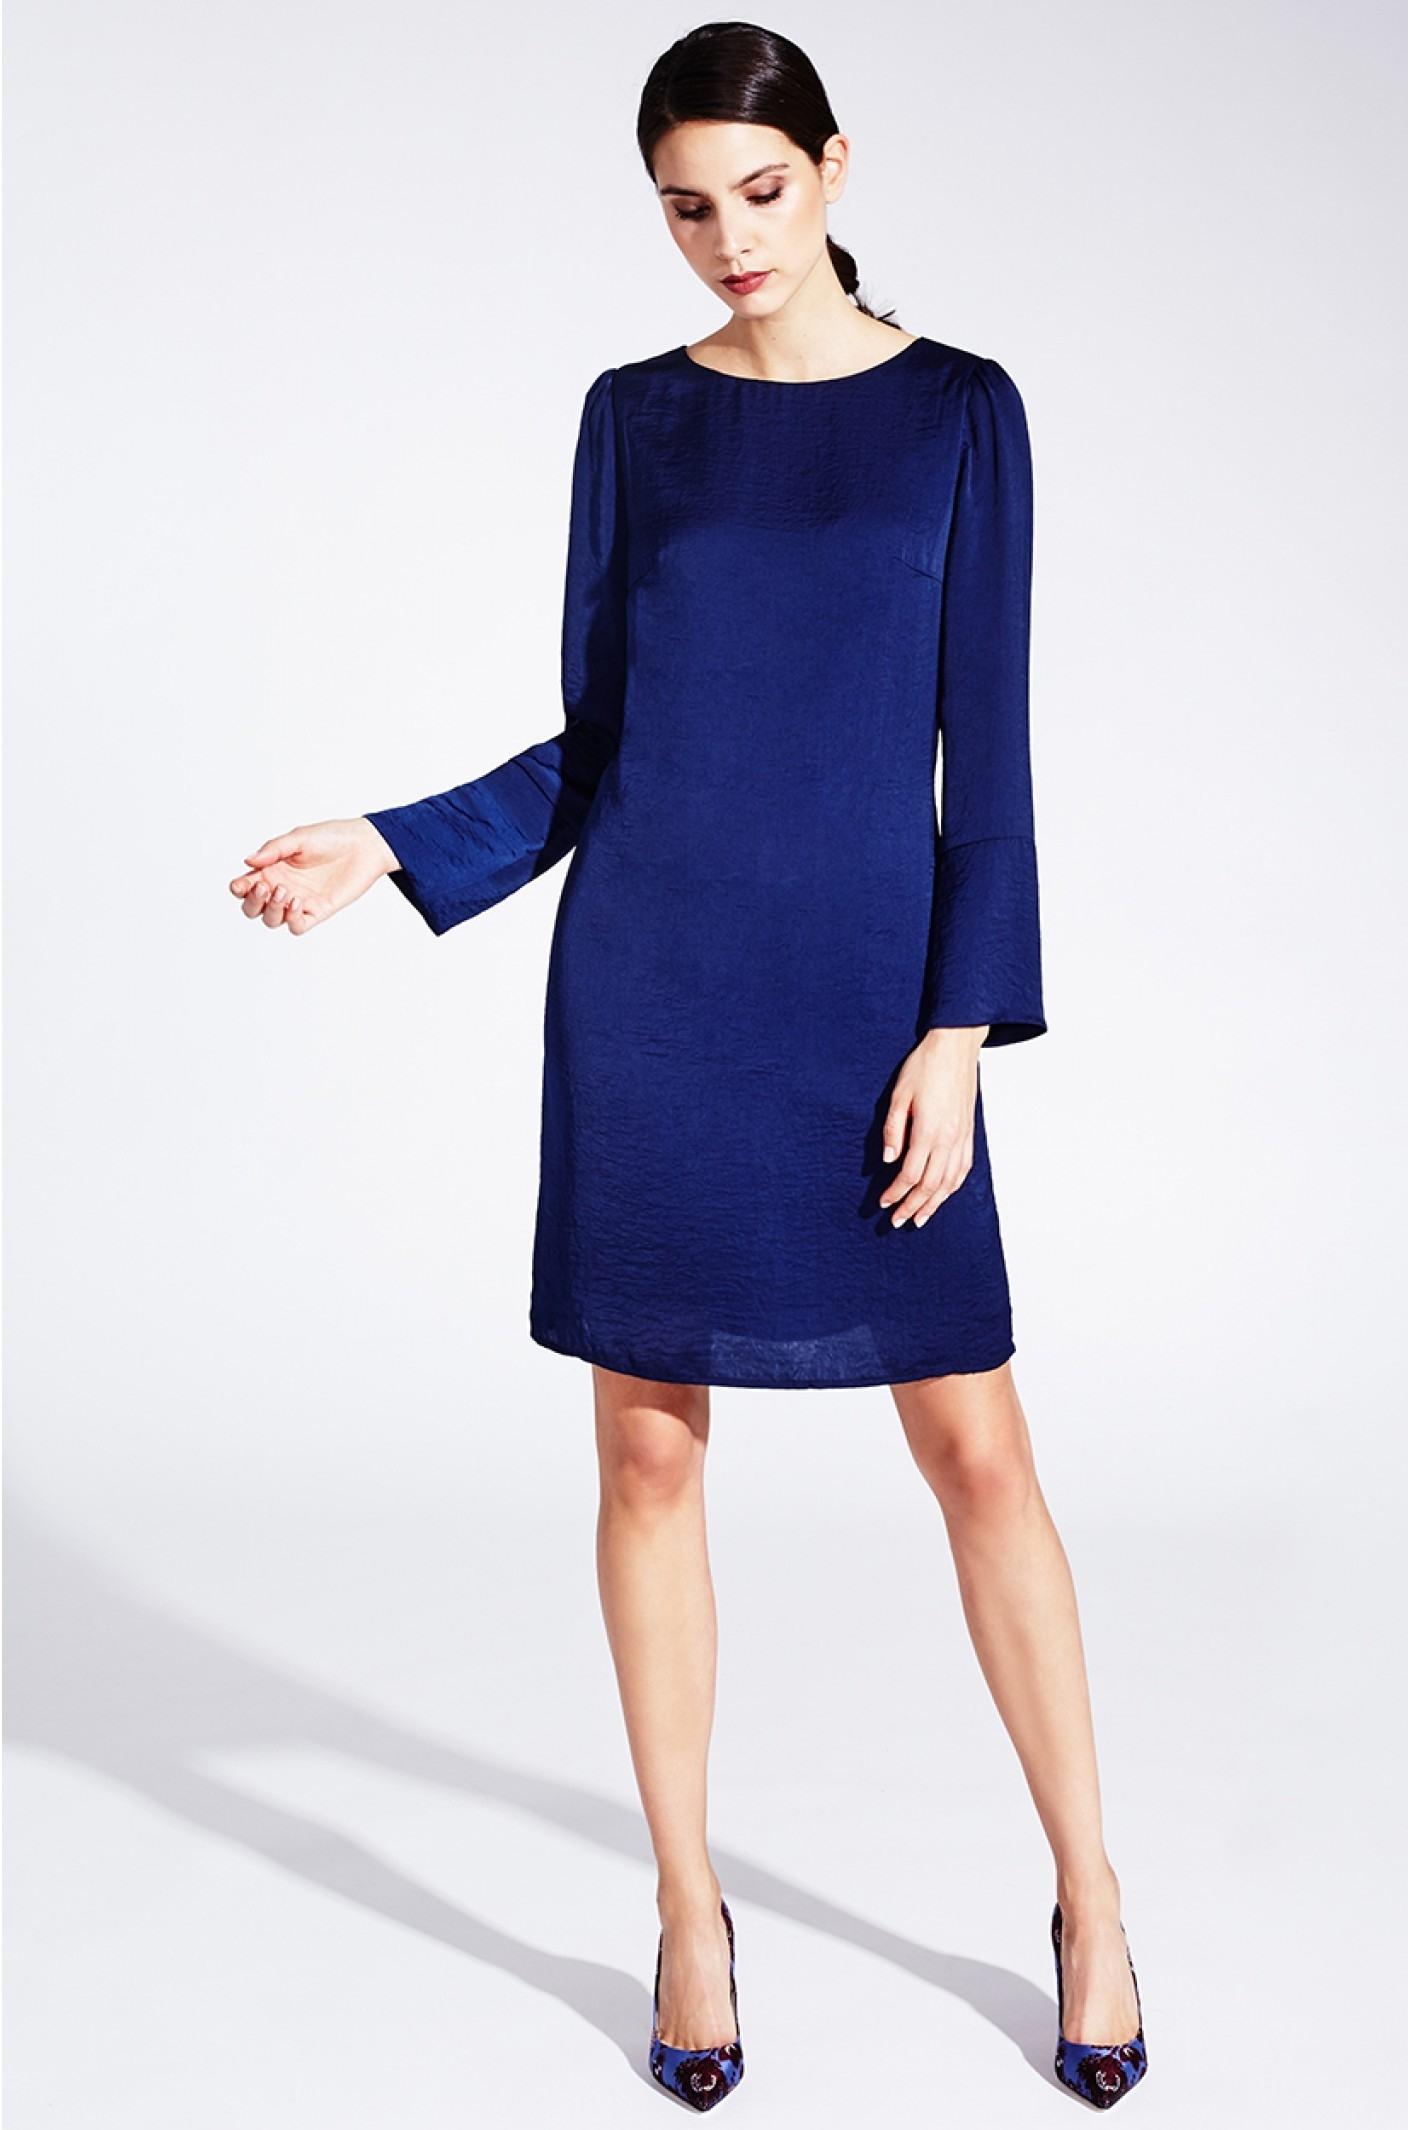 Abend Fantastisch Kleid Mit Stylish Elegant Kleid Mit Design